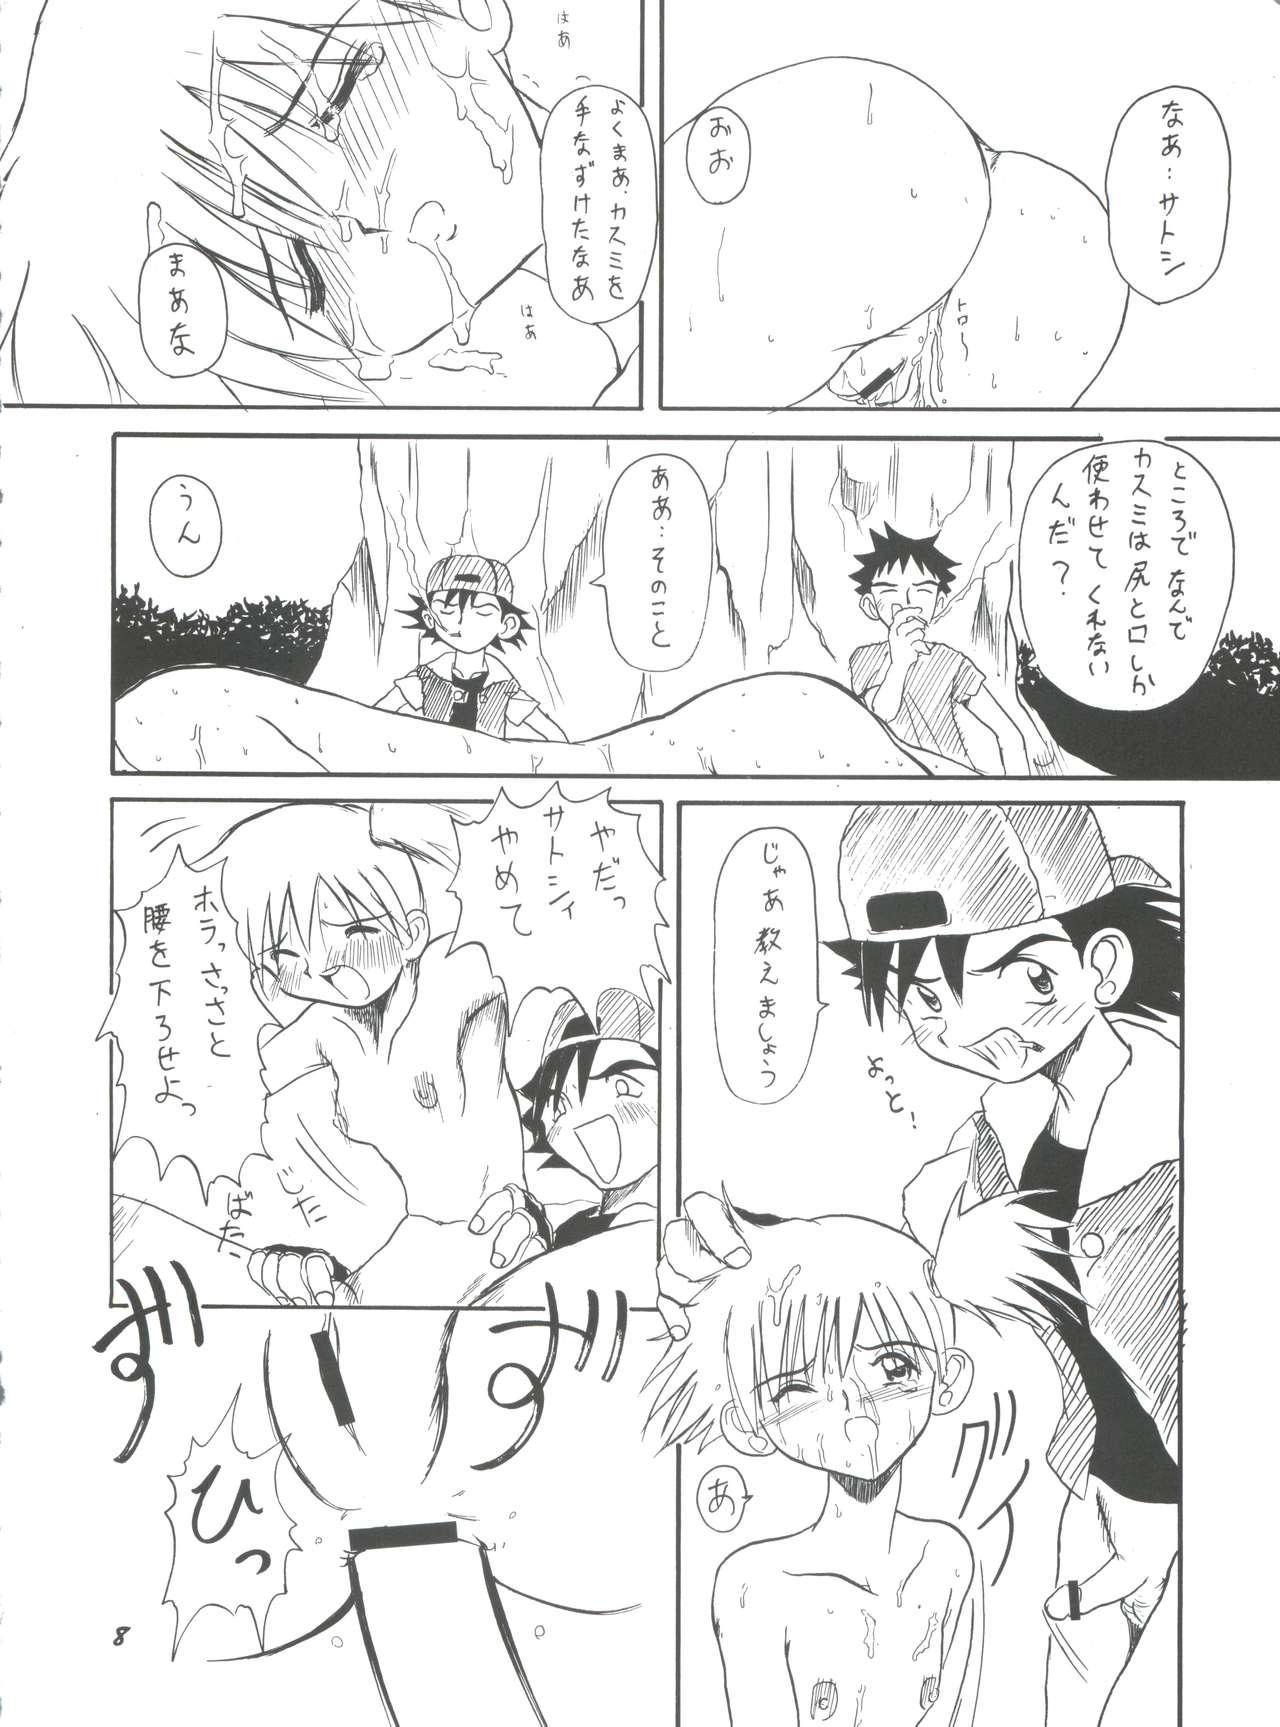 Hana no Han 6